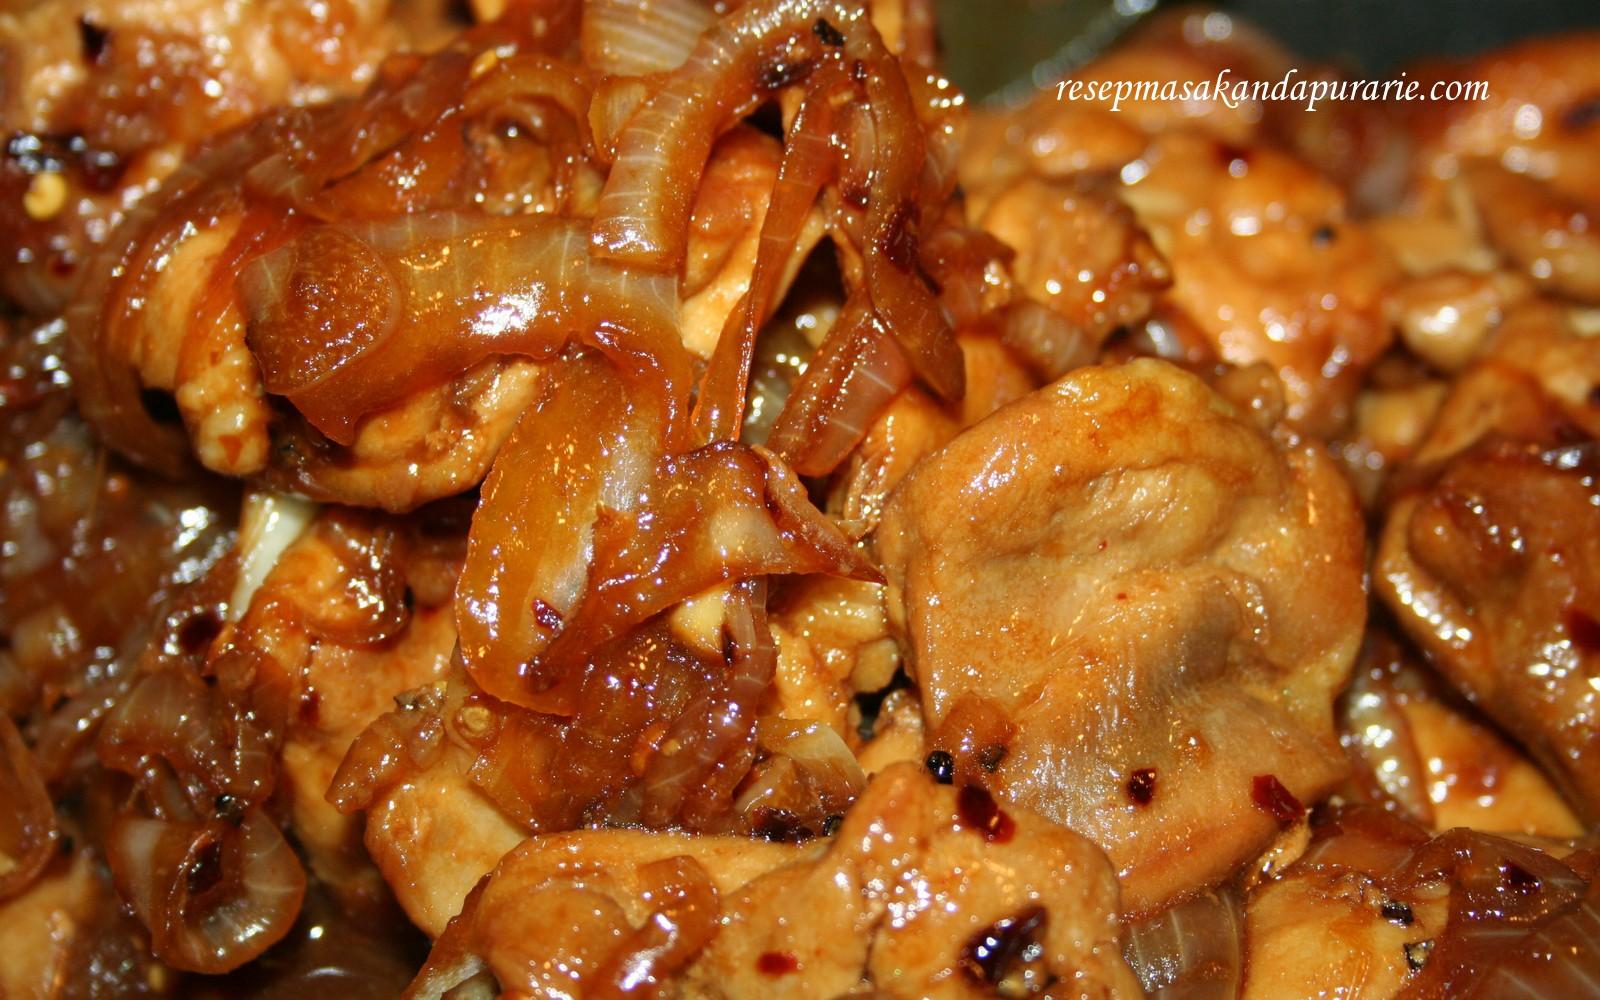 Resep Cara Membuat Ayam Kecap Enak Dan Mudah Resep Masakan Dapur Arie